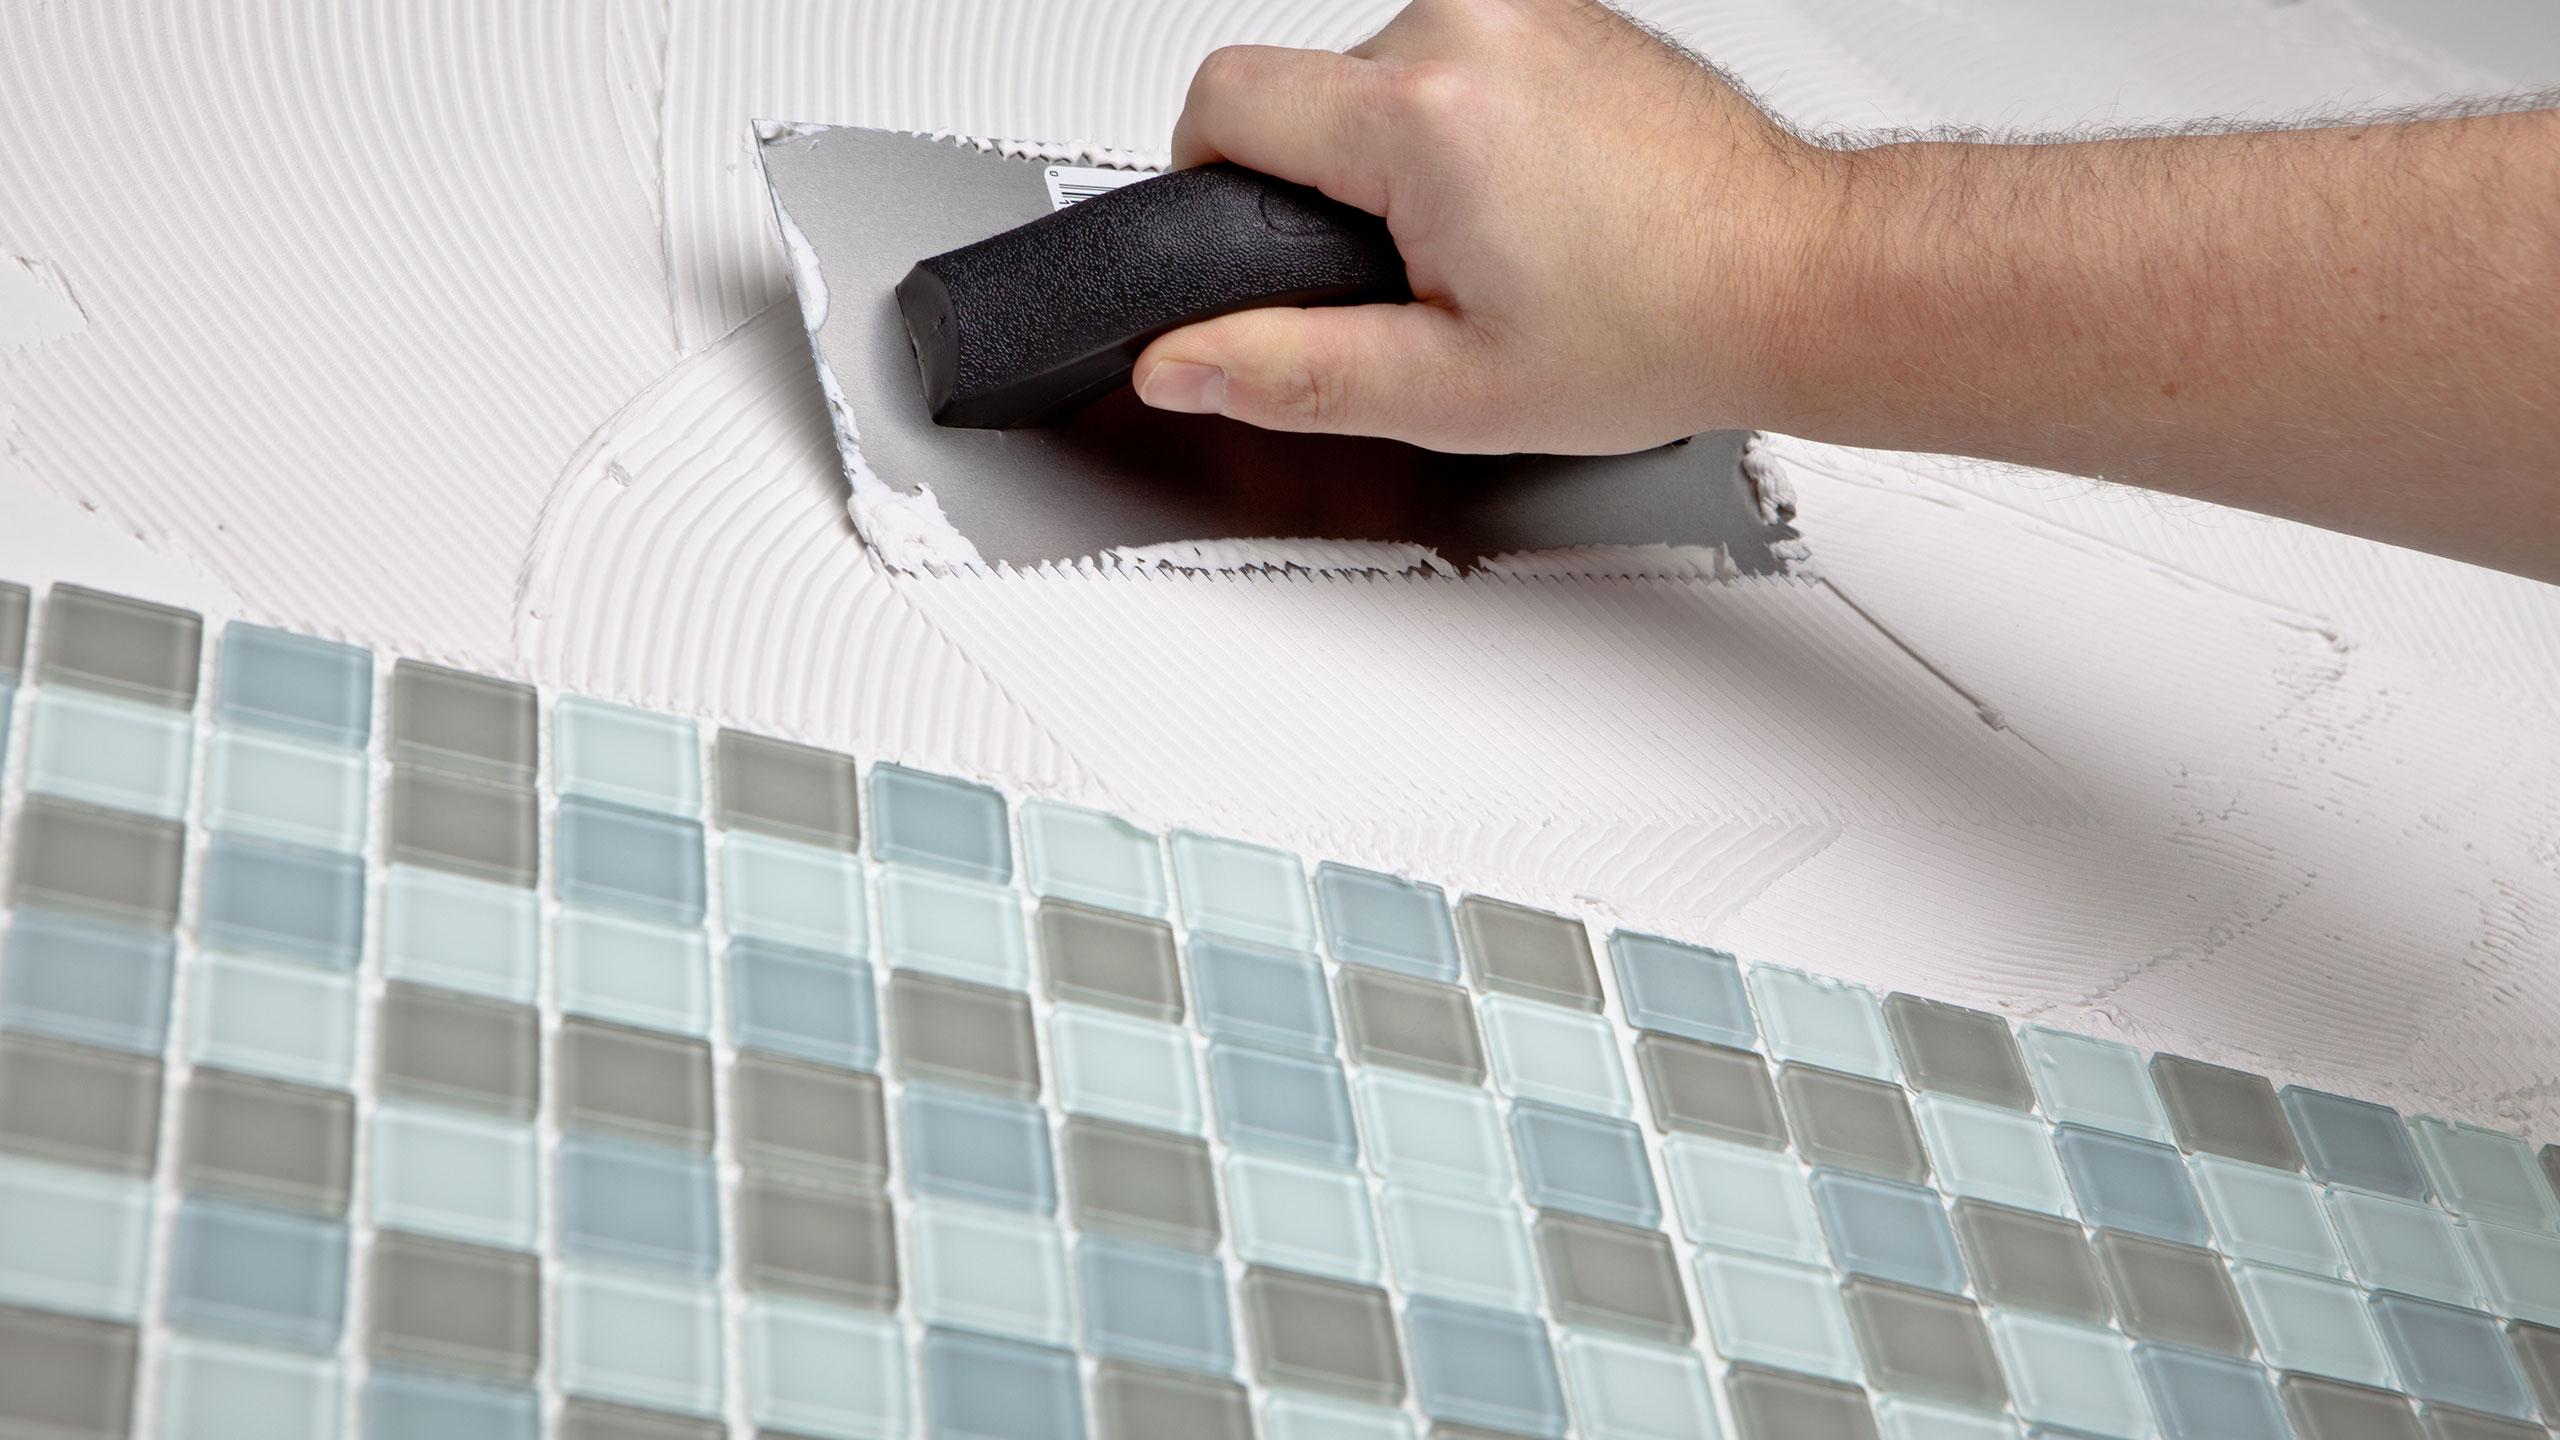 Phil bond tiling trusted tilers derbyshire tiling preparation in derbyshire phil bond wall and floor tiling dailygadgetfo Images